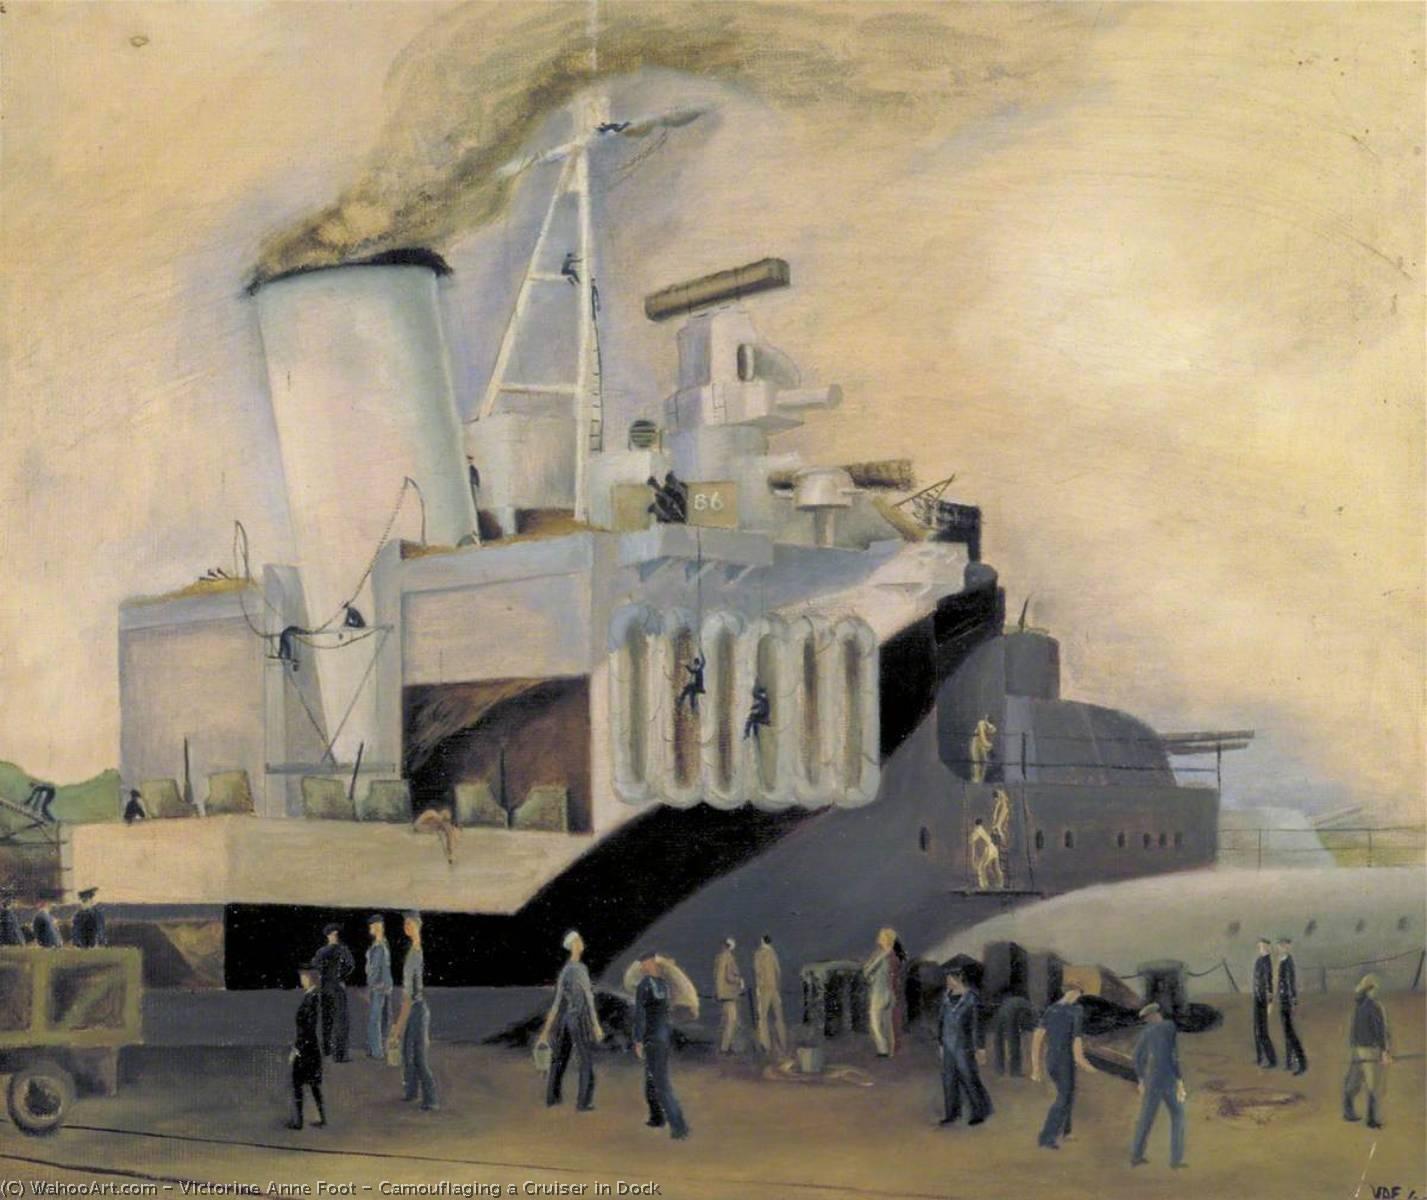 WikiOO.org - Enciclopedia of Fine Arts - Pictura, lucrări de artă Victorine Anne Foot - Camouflaging a Cruiser in Dock